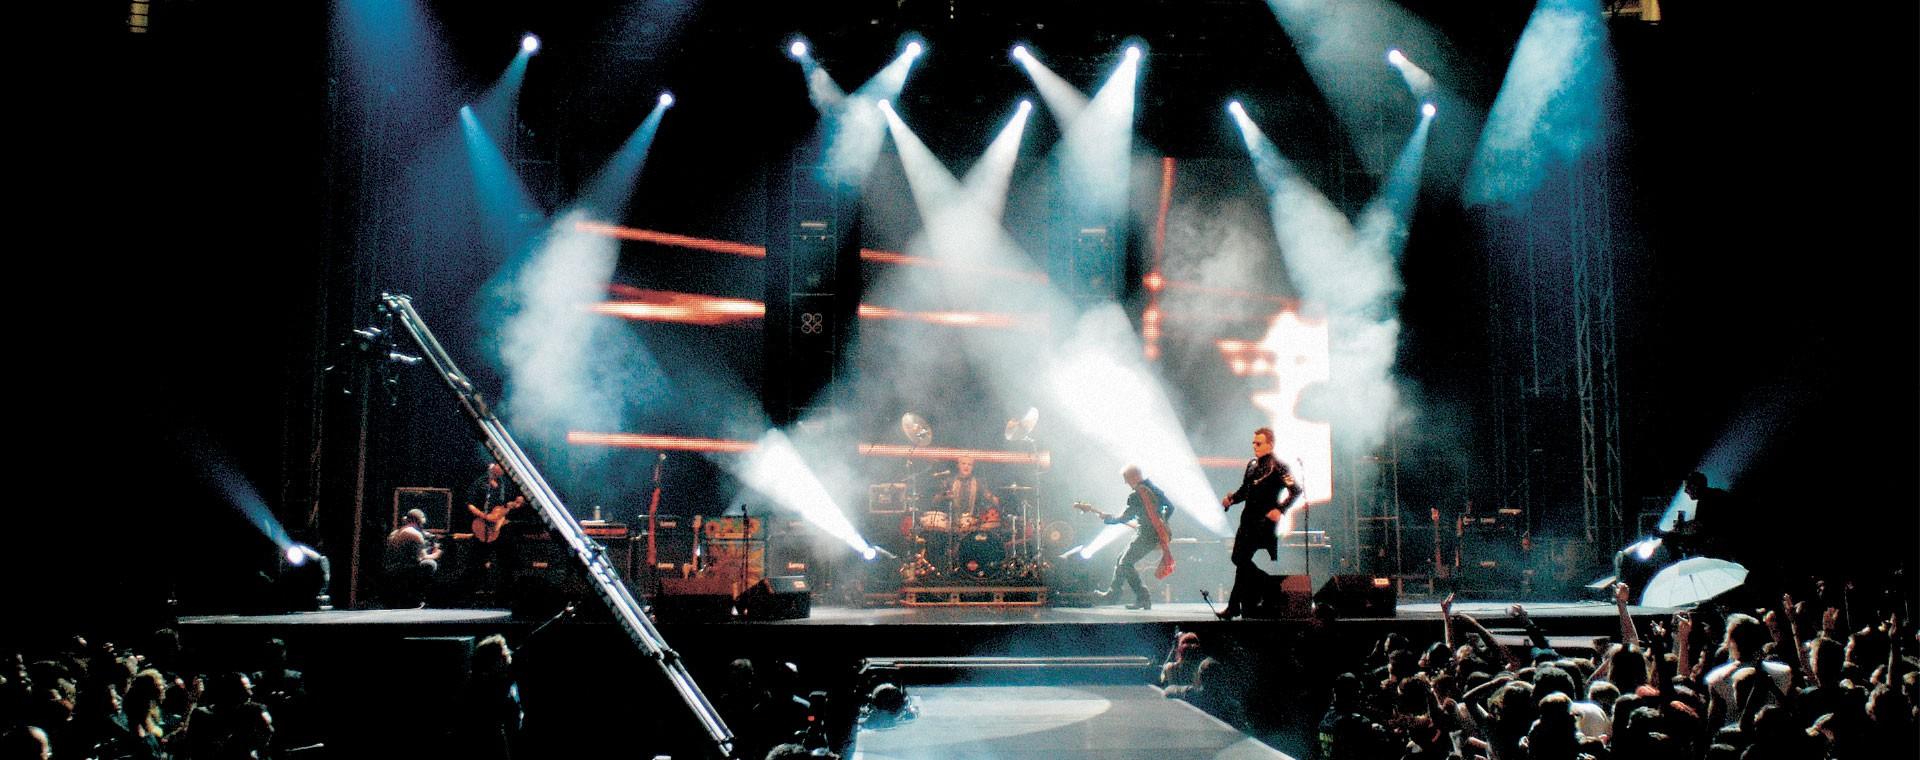 vangogh-arena-2007